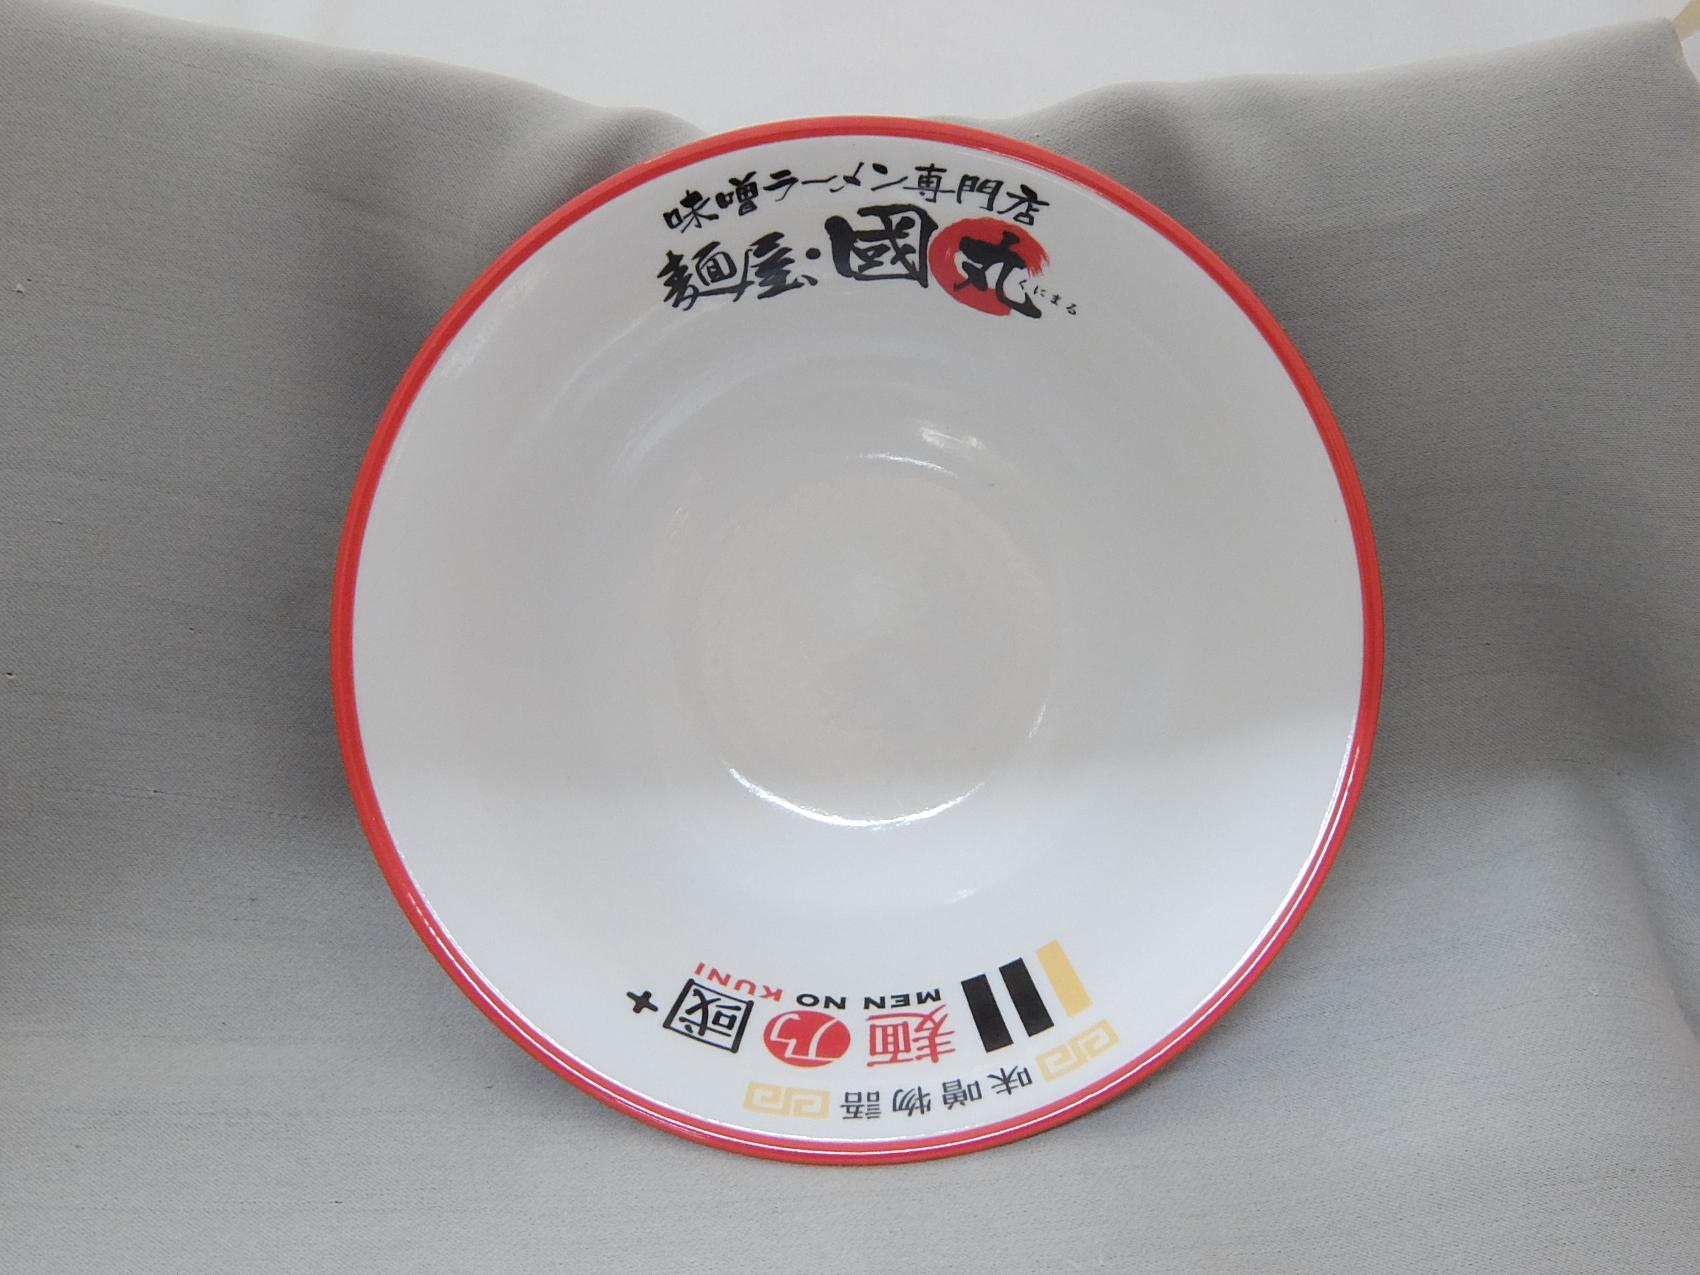 7.0コスパ高台丼(内白外赤吹き)